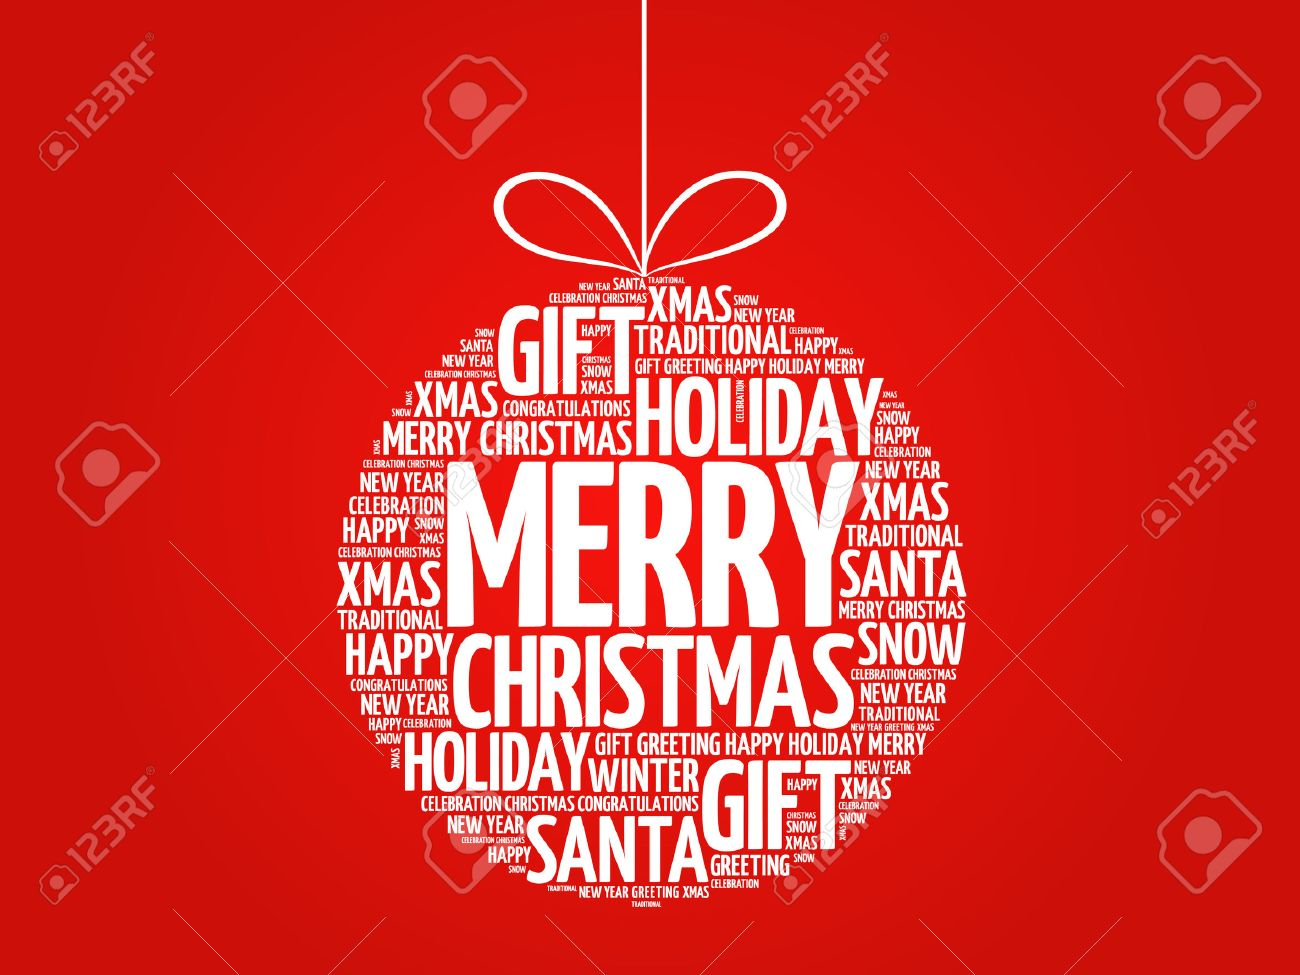 Joyeux Noël, Boule De Noël Nuage De Mot, Vacances Collage Lettrage